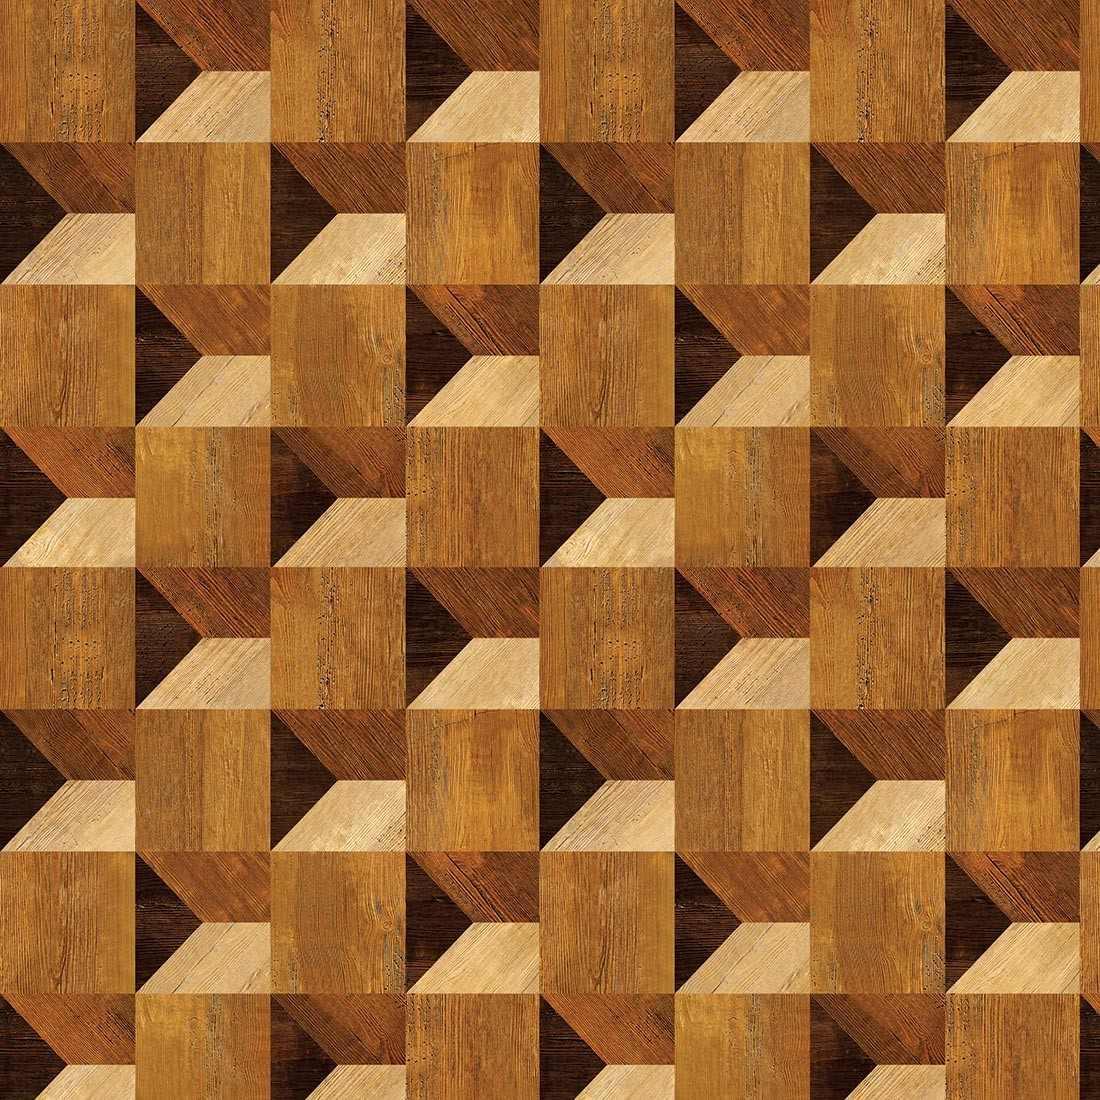 Papel de parede madeira 3d mosaico r 49 90 em mercado livre for Mosaico adesivo 3d